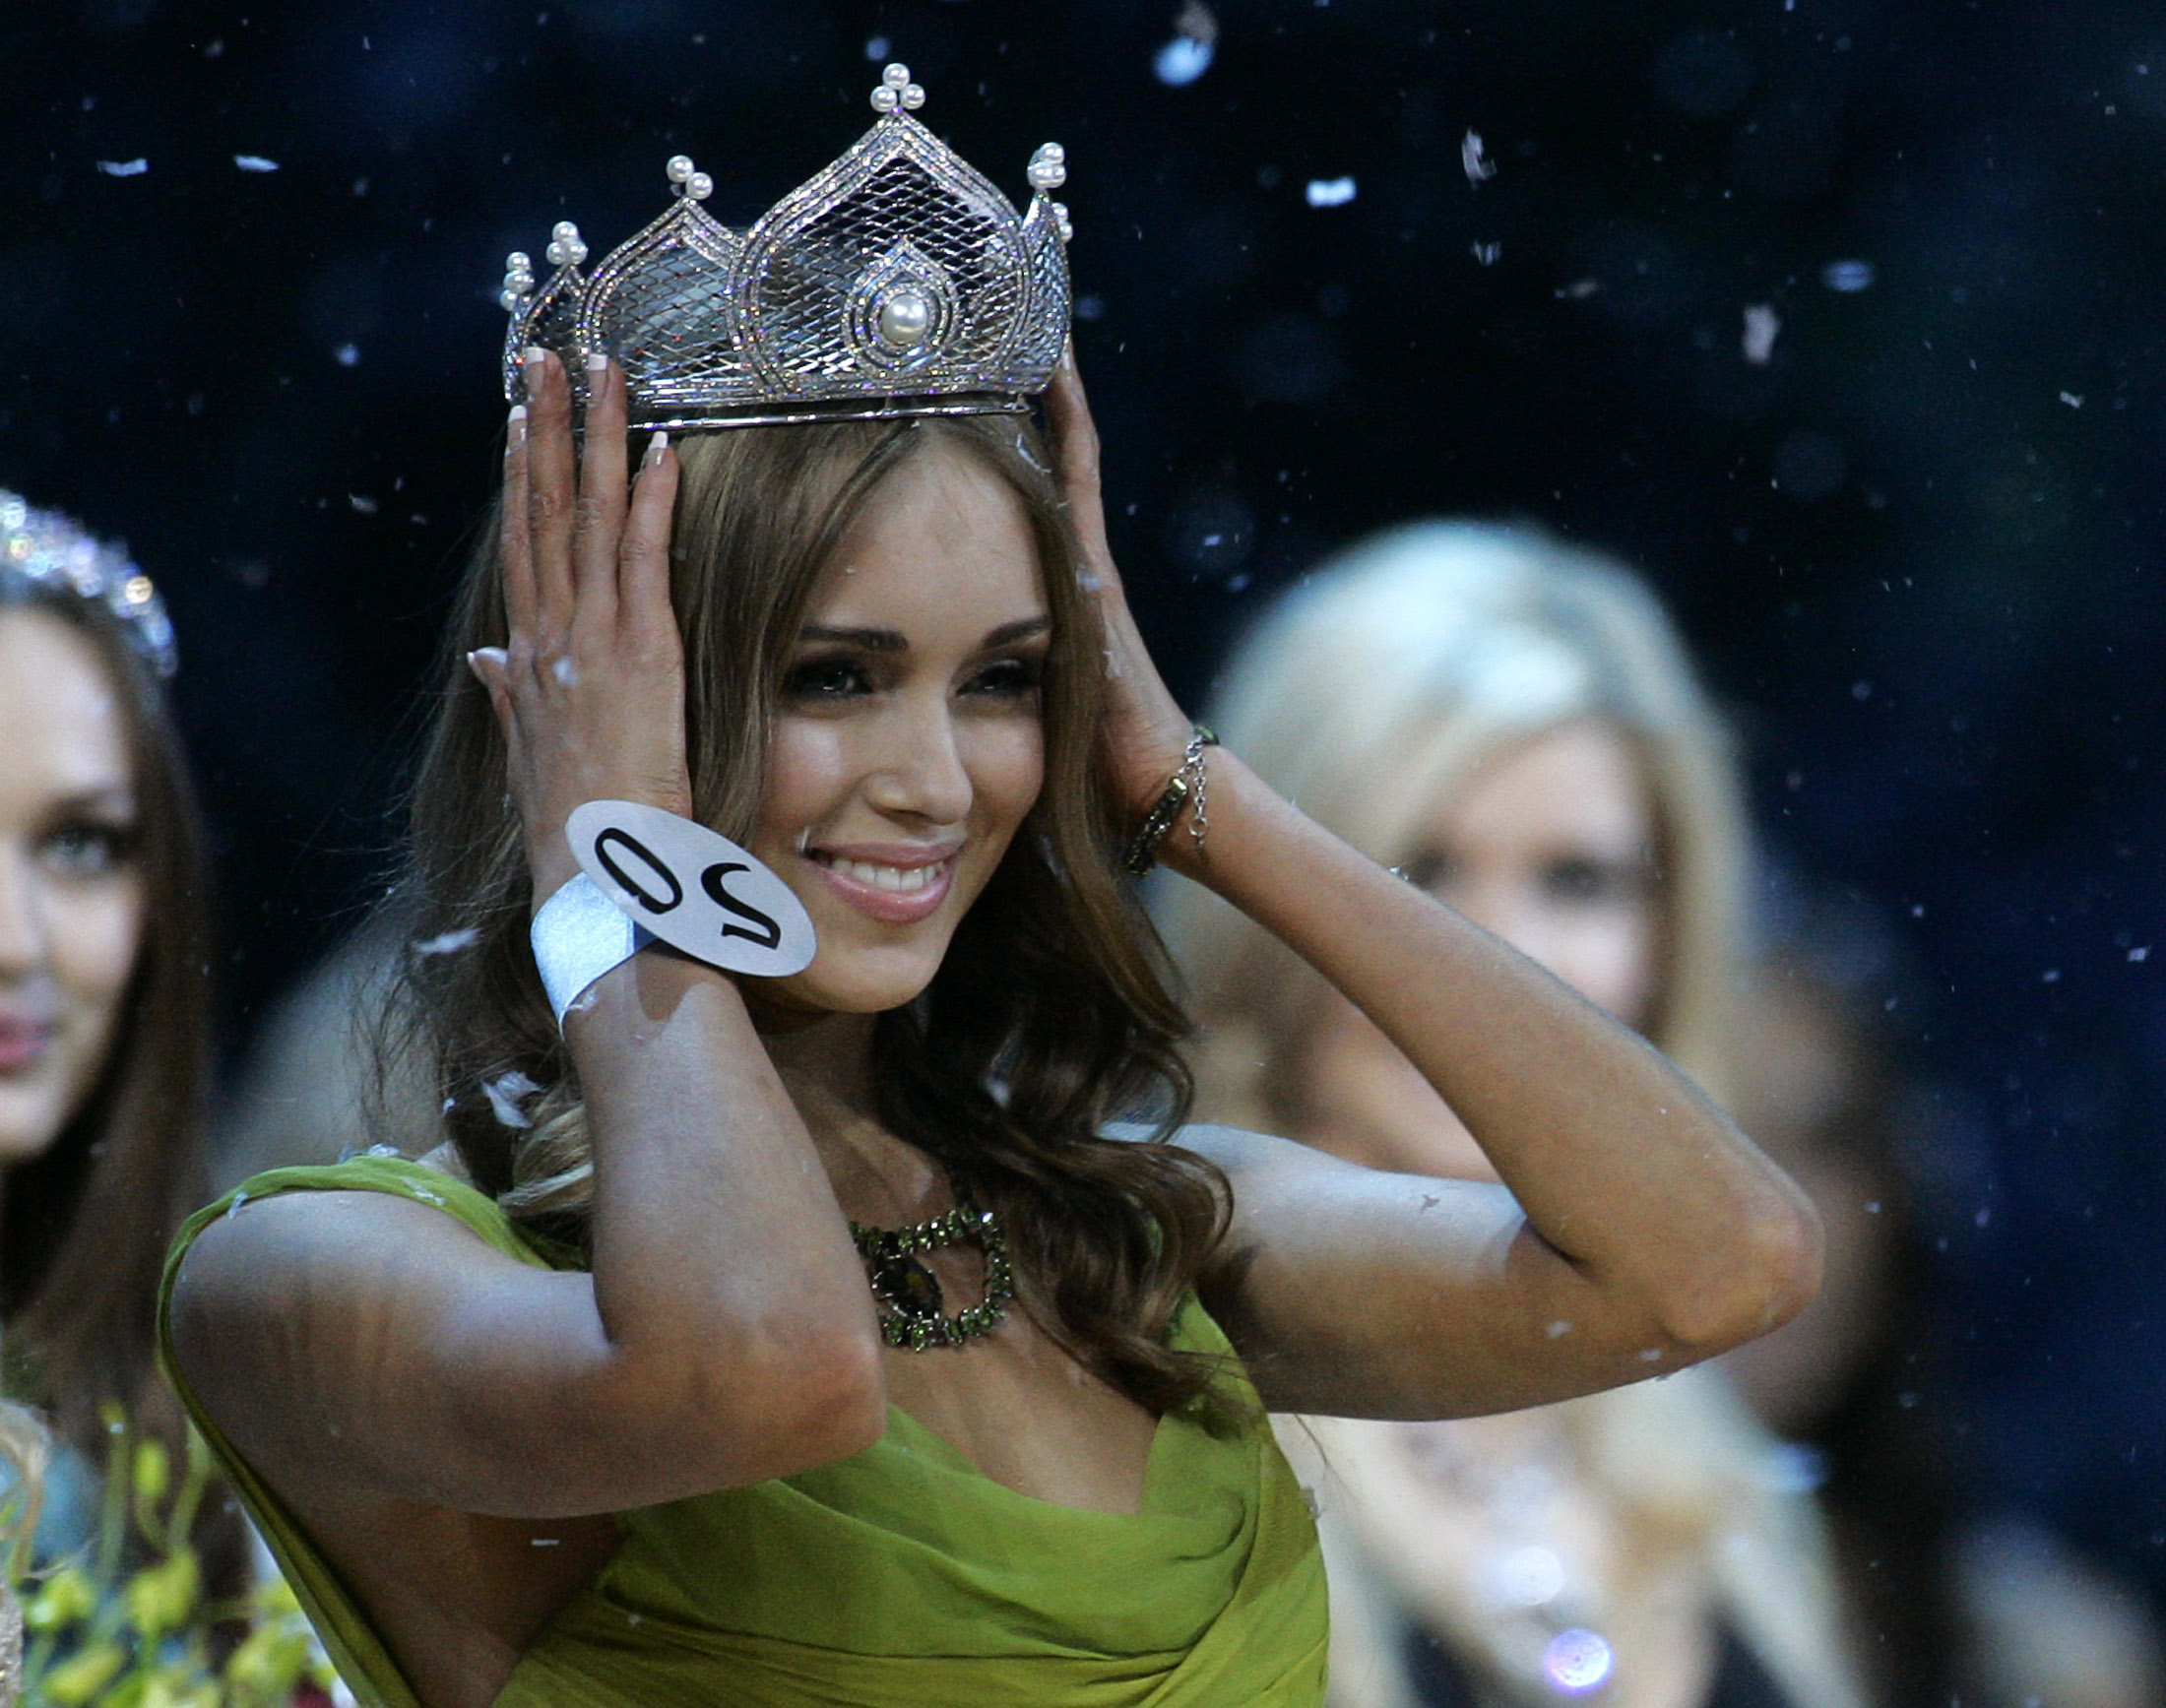 Concurentele Miss World lupta pentru ecologie